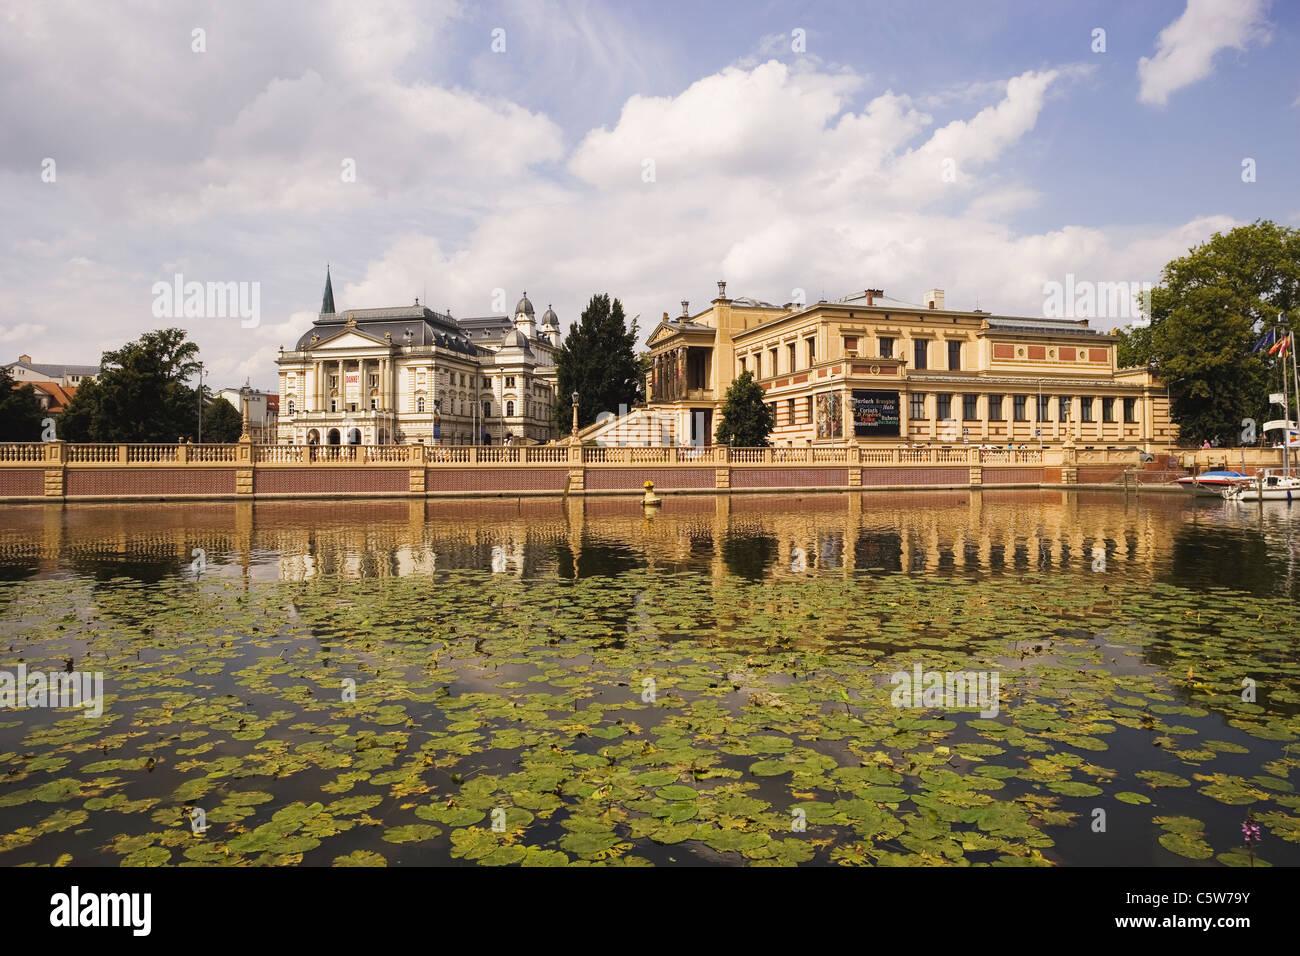 Manor Houses and Castles in Mecklenburg Vorpommern